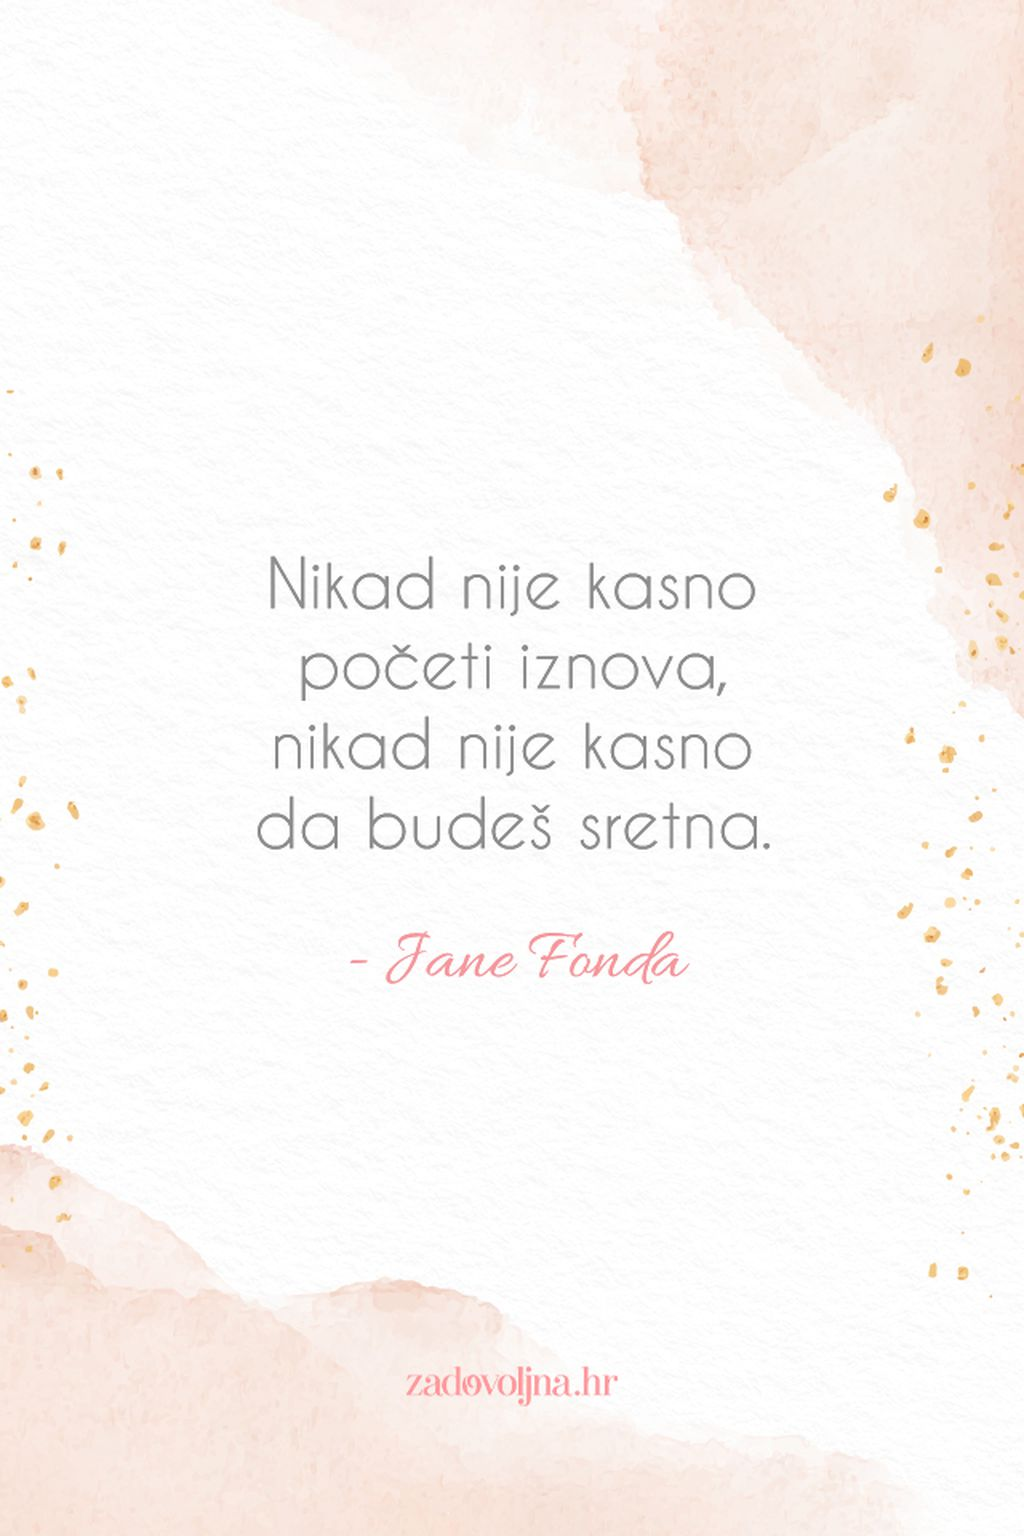 Životne mudrosti Jane Fonde - 5